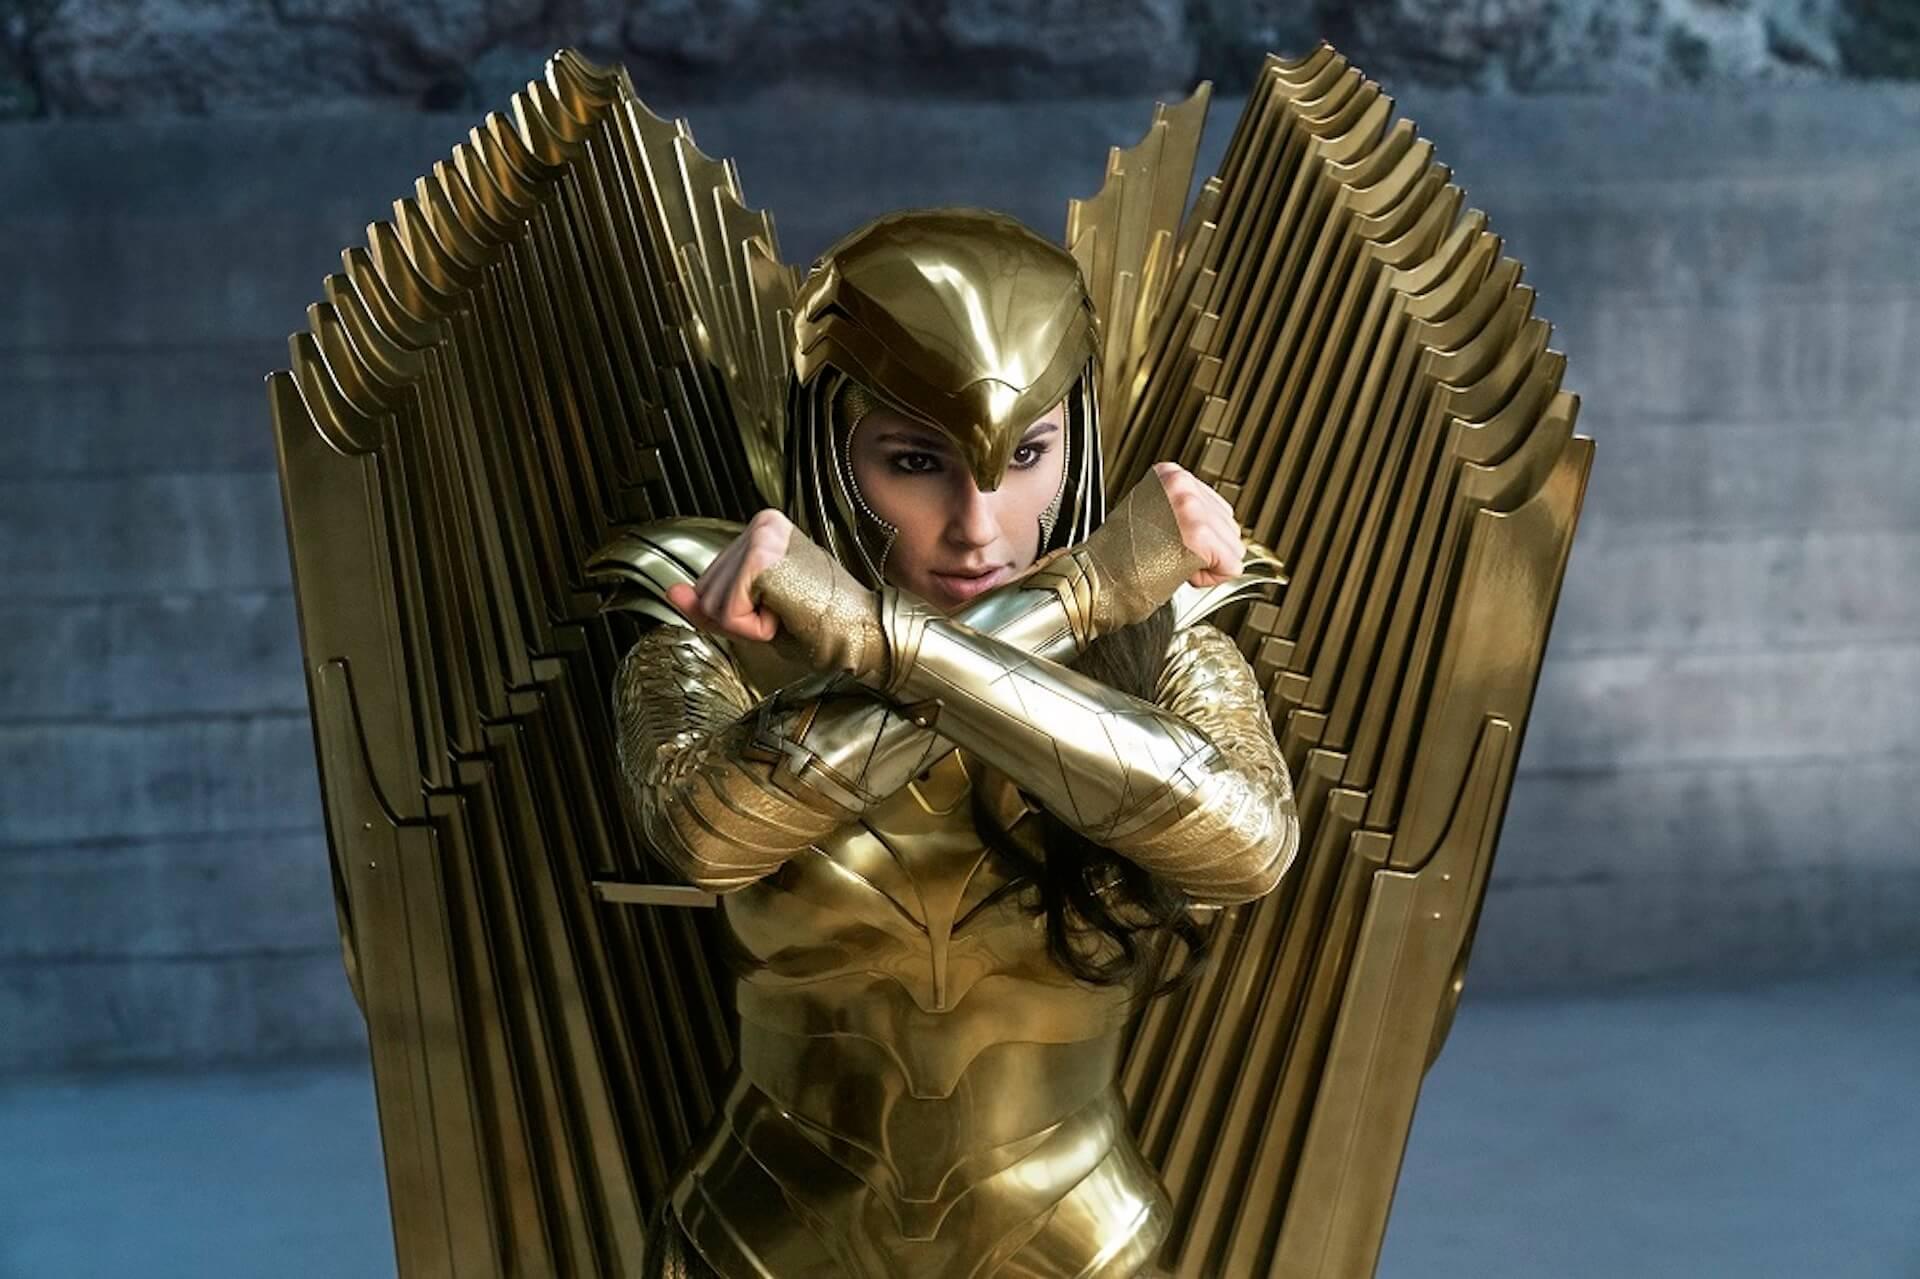 『ワンダーウーマン 1984』主演ガル・ガドットがゴールドアーマー姿の華麗なアクションで魅せる!2枚の激アツ場面写真が解禁 film200804_wonderwoman1984_2